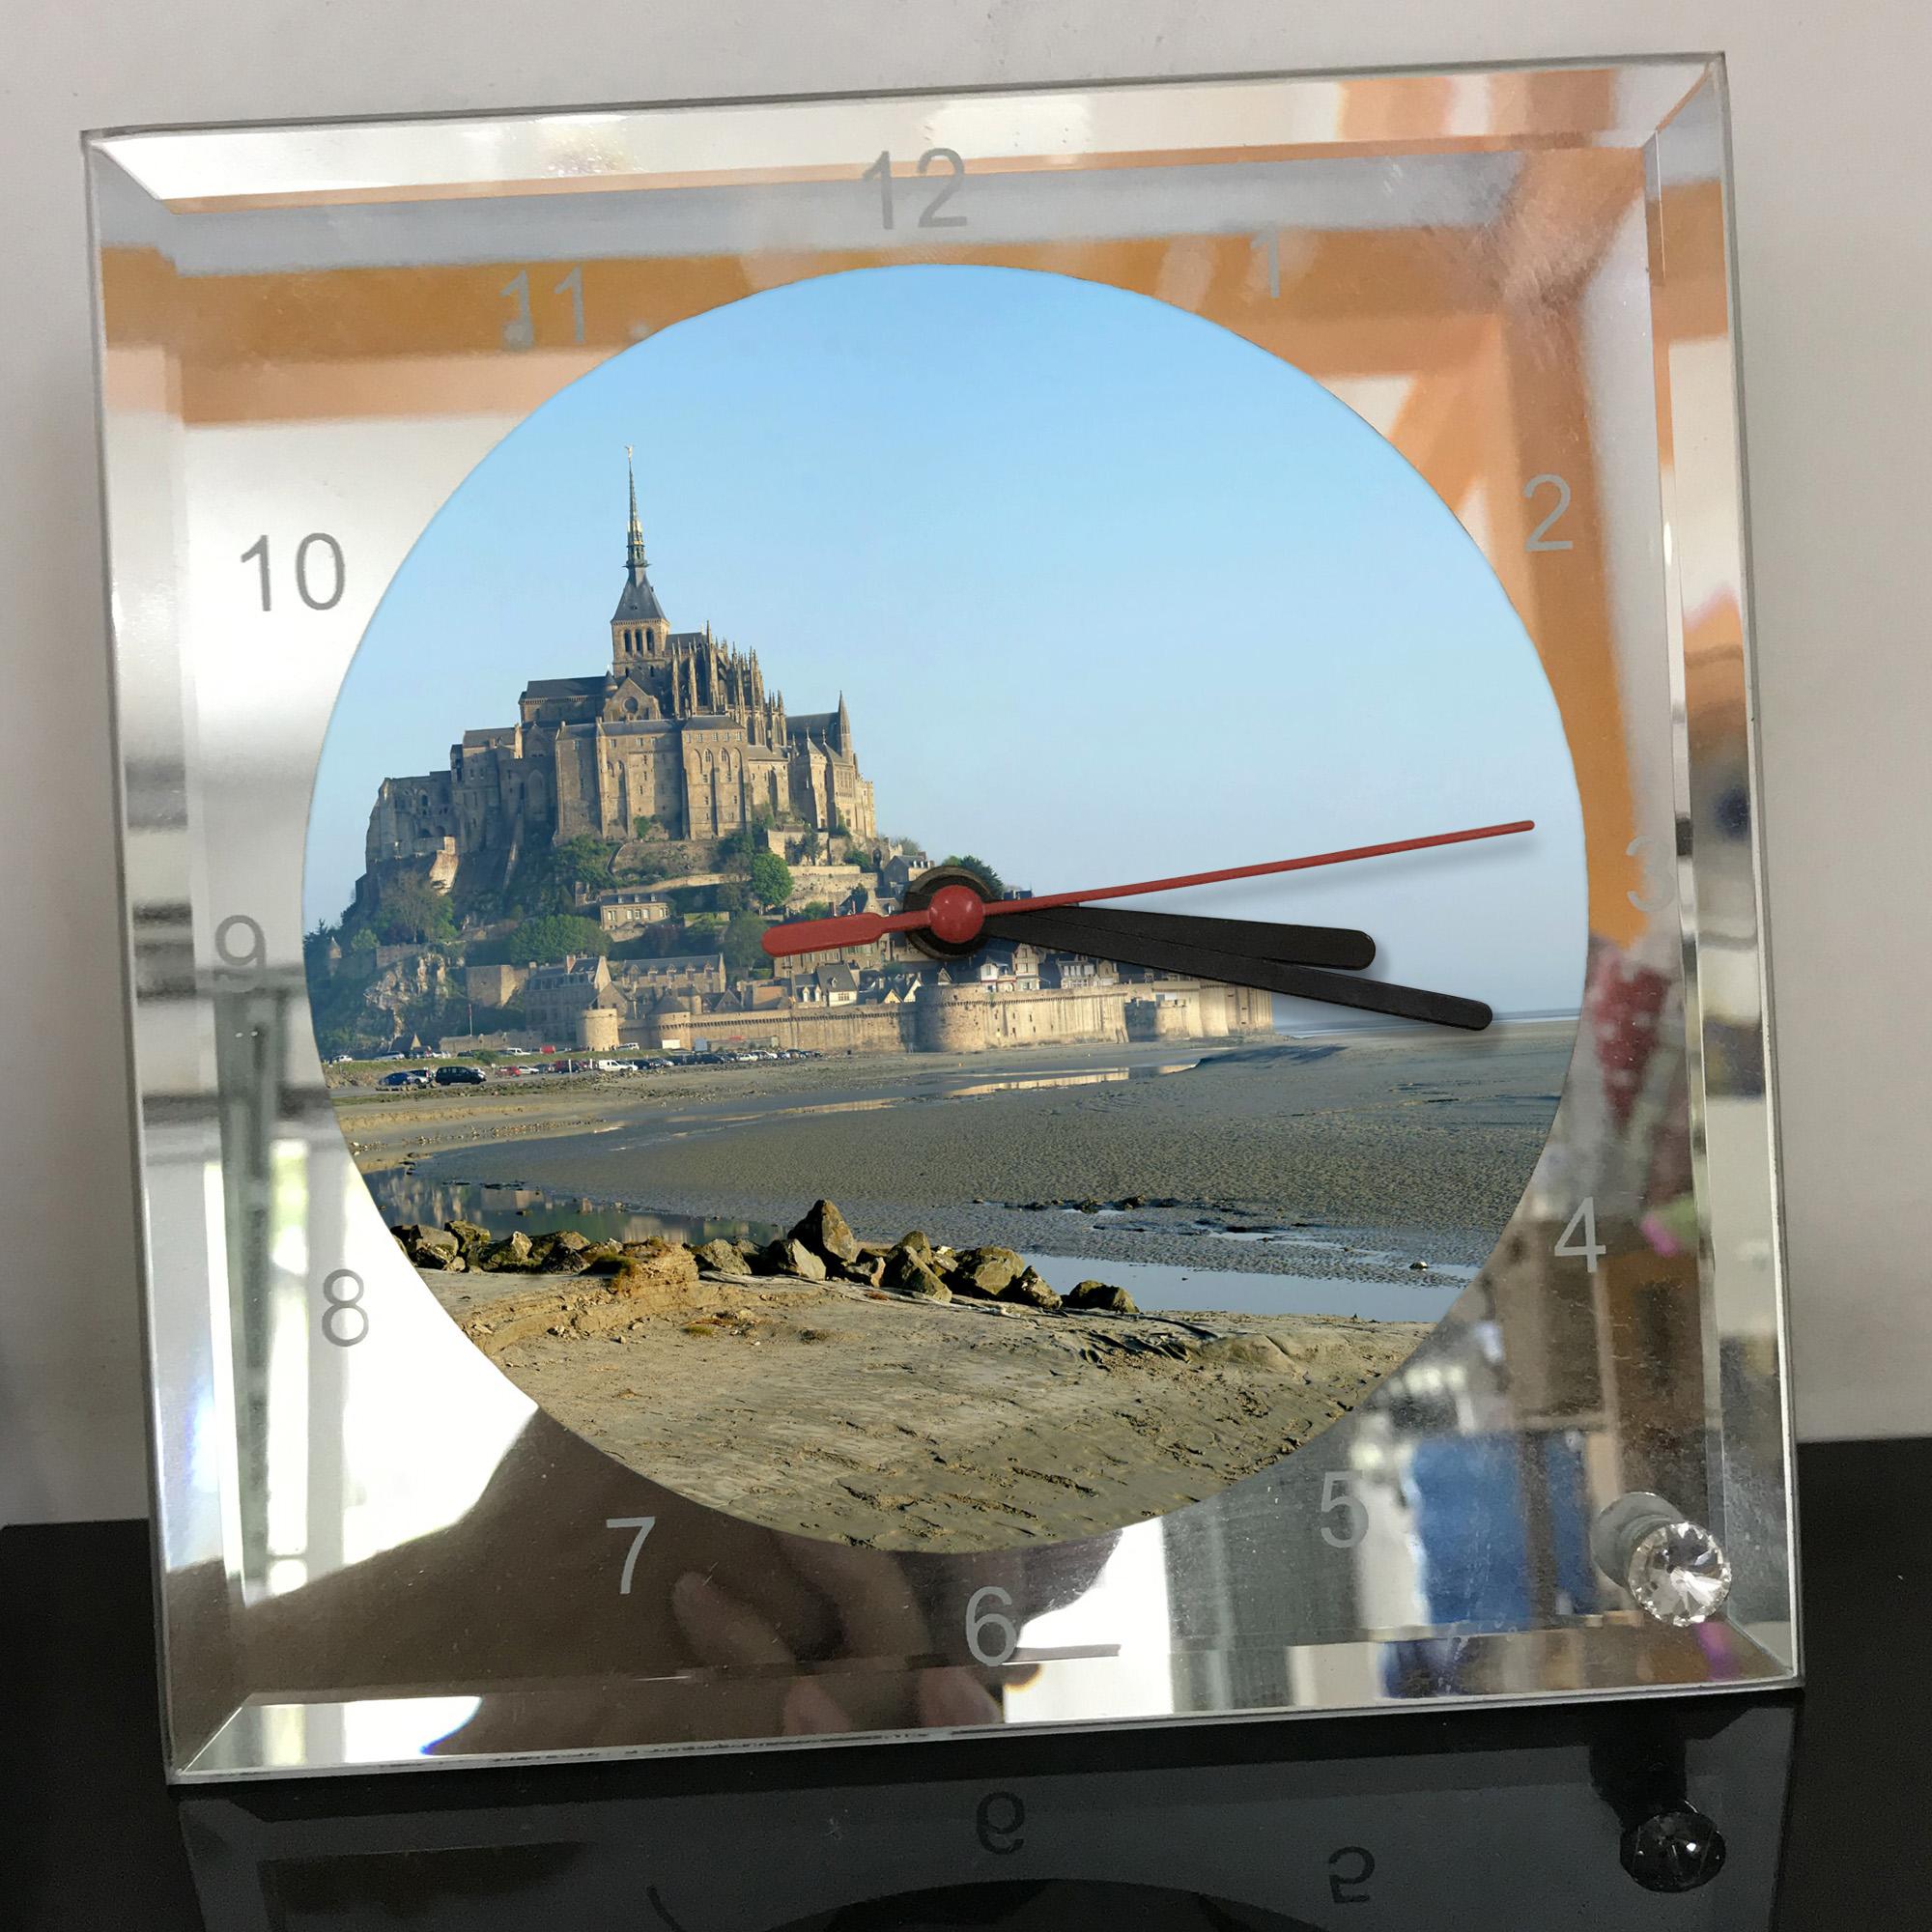 Đồng hồ thủy tinh vuông 20x20 in hình tu viện Mont Saint-Michel (9) . Đồng hồ thủy tinh để bàn trang trí đẹp chủ đề tôn giáo